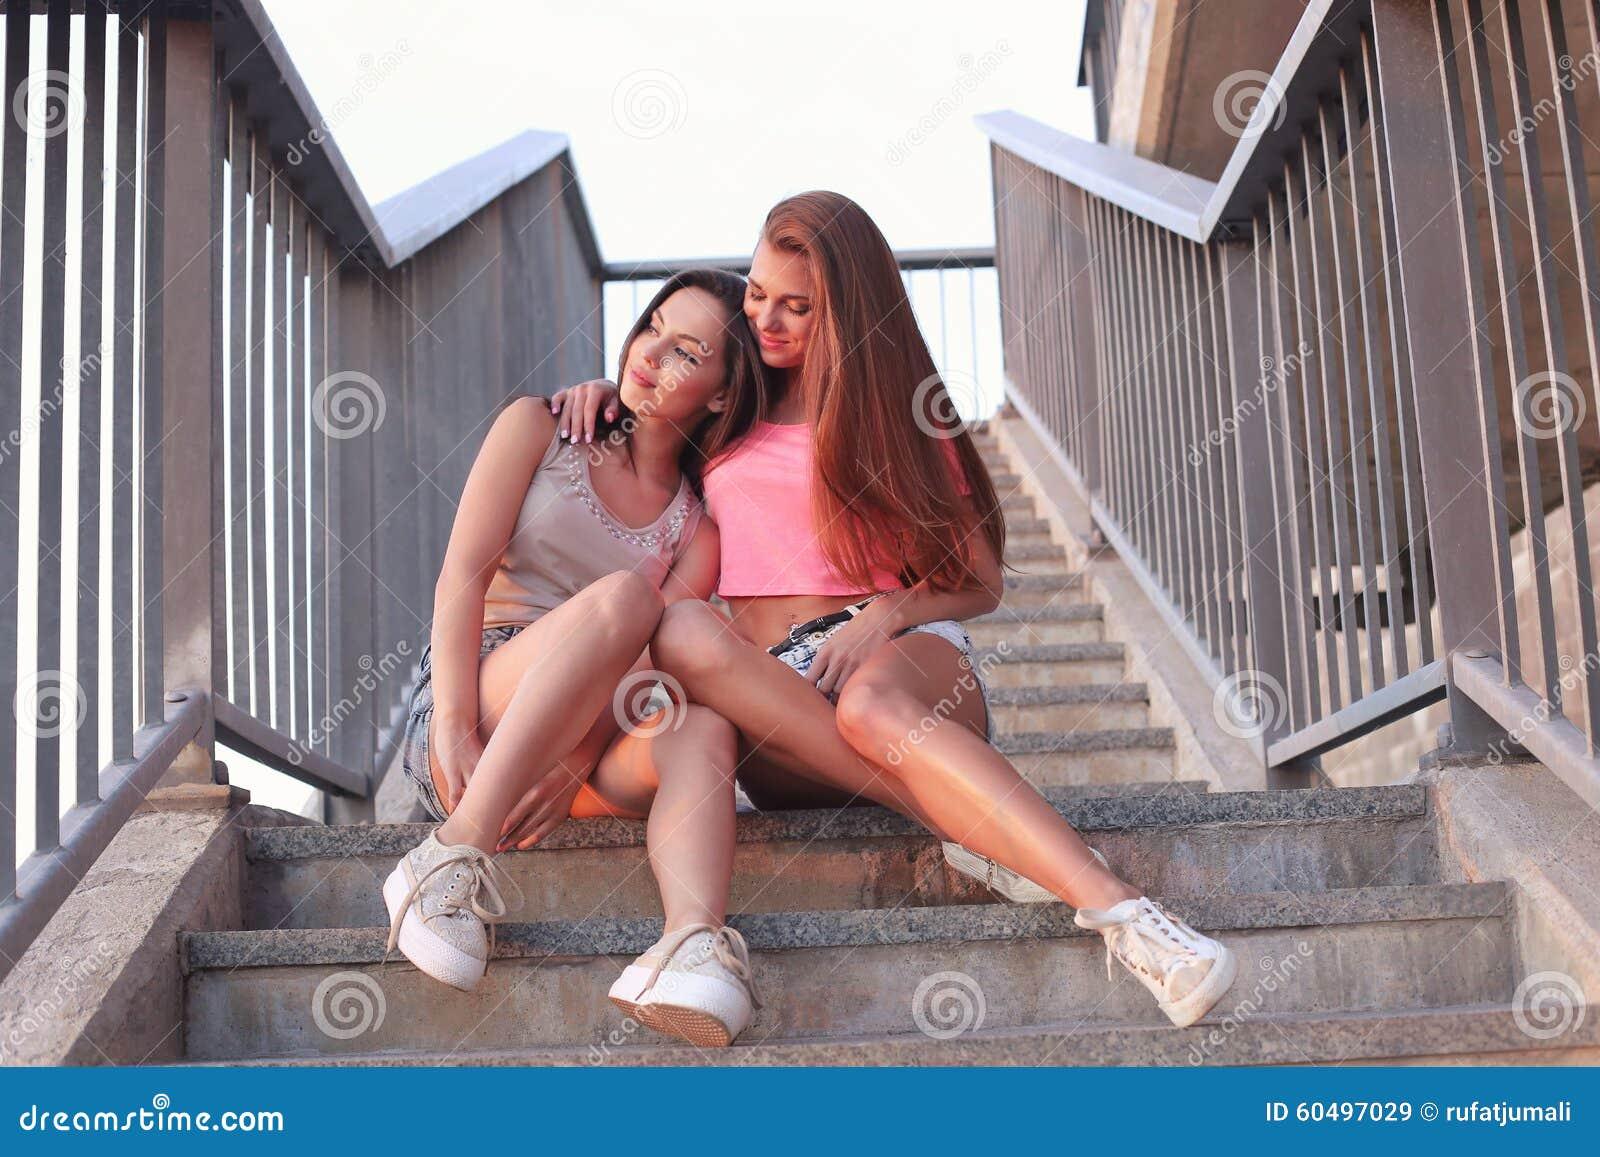 dve-rizhih-lesbi